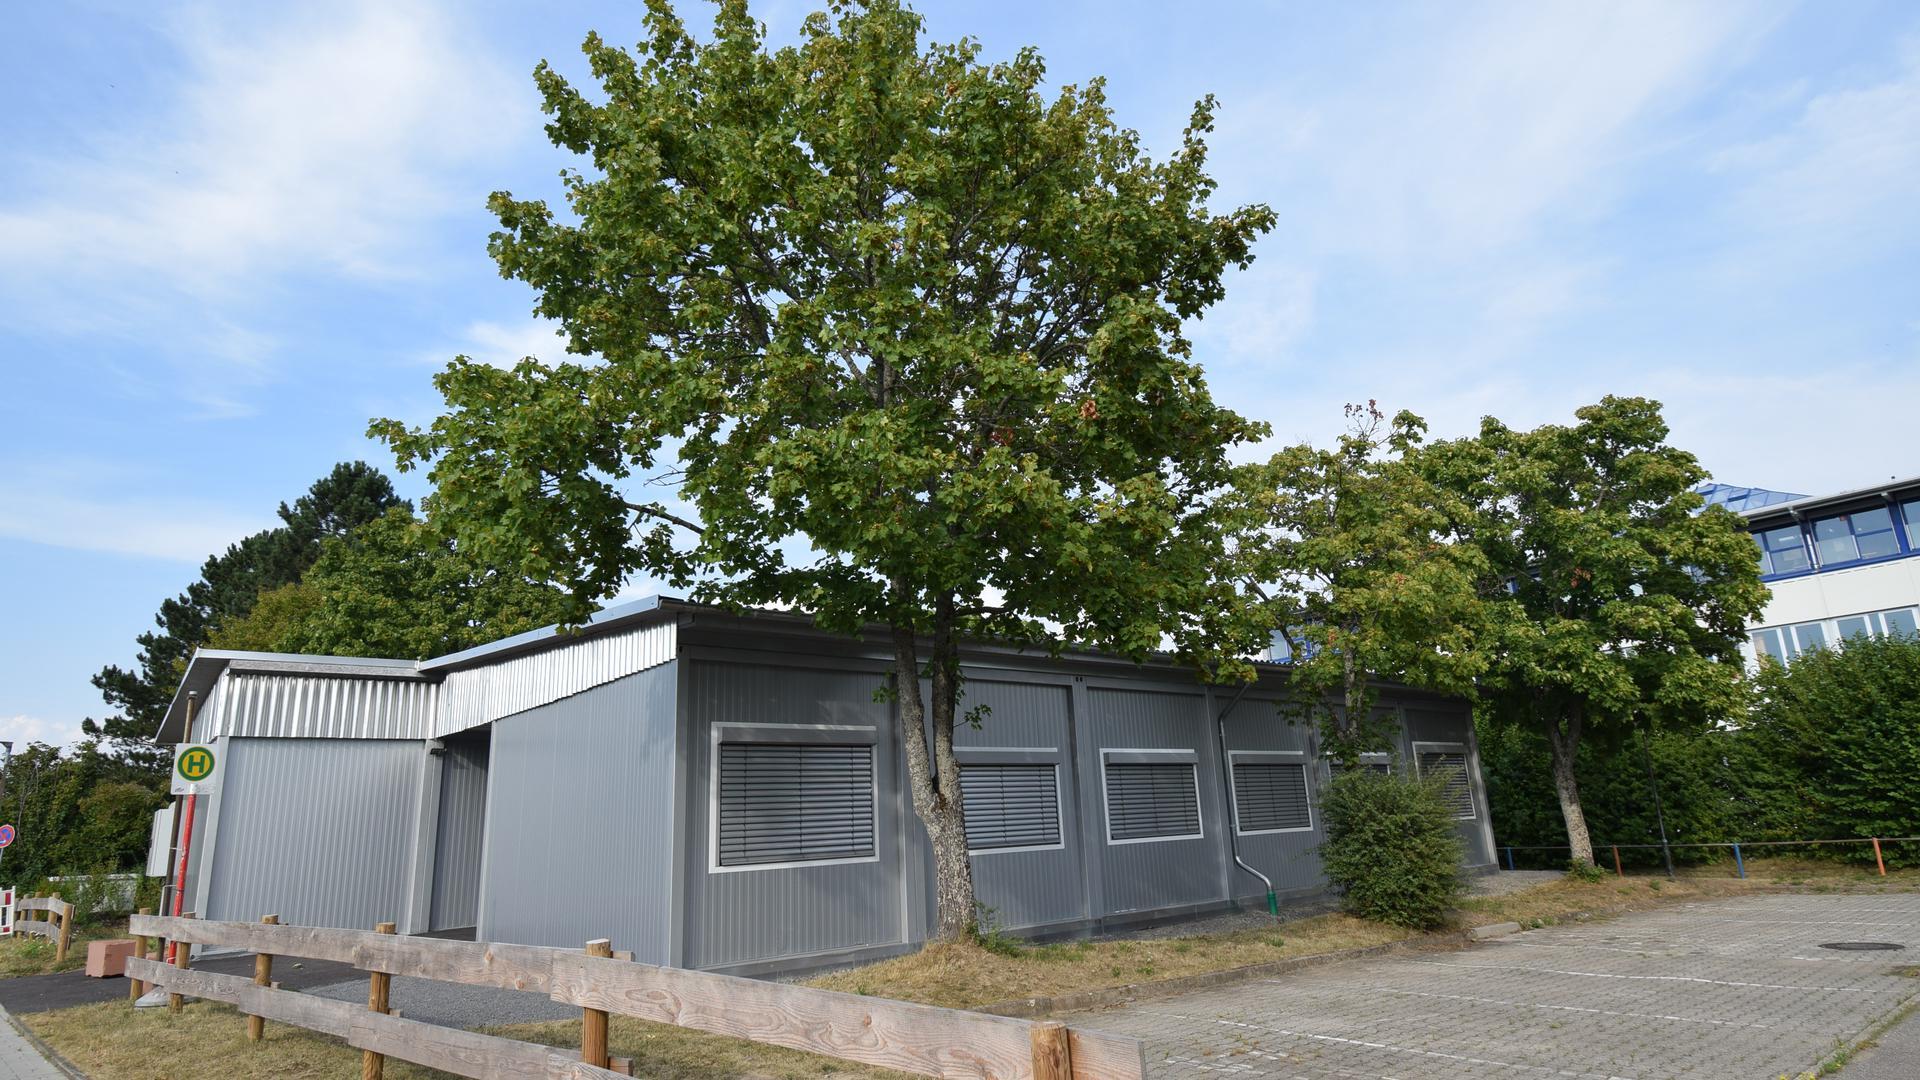 Blick auf mehrere, zusammenhängende Container auf einem Schulhof.